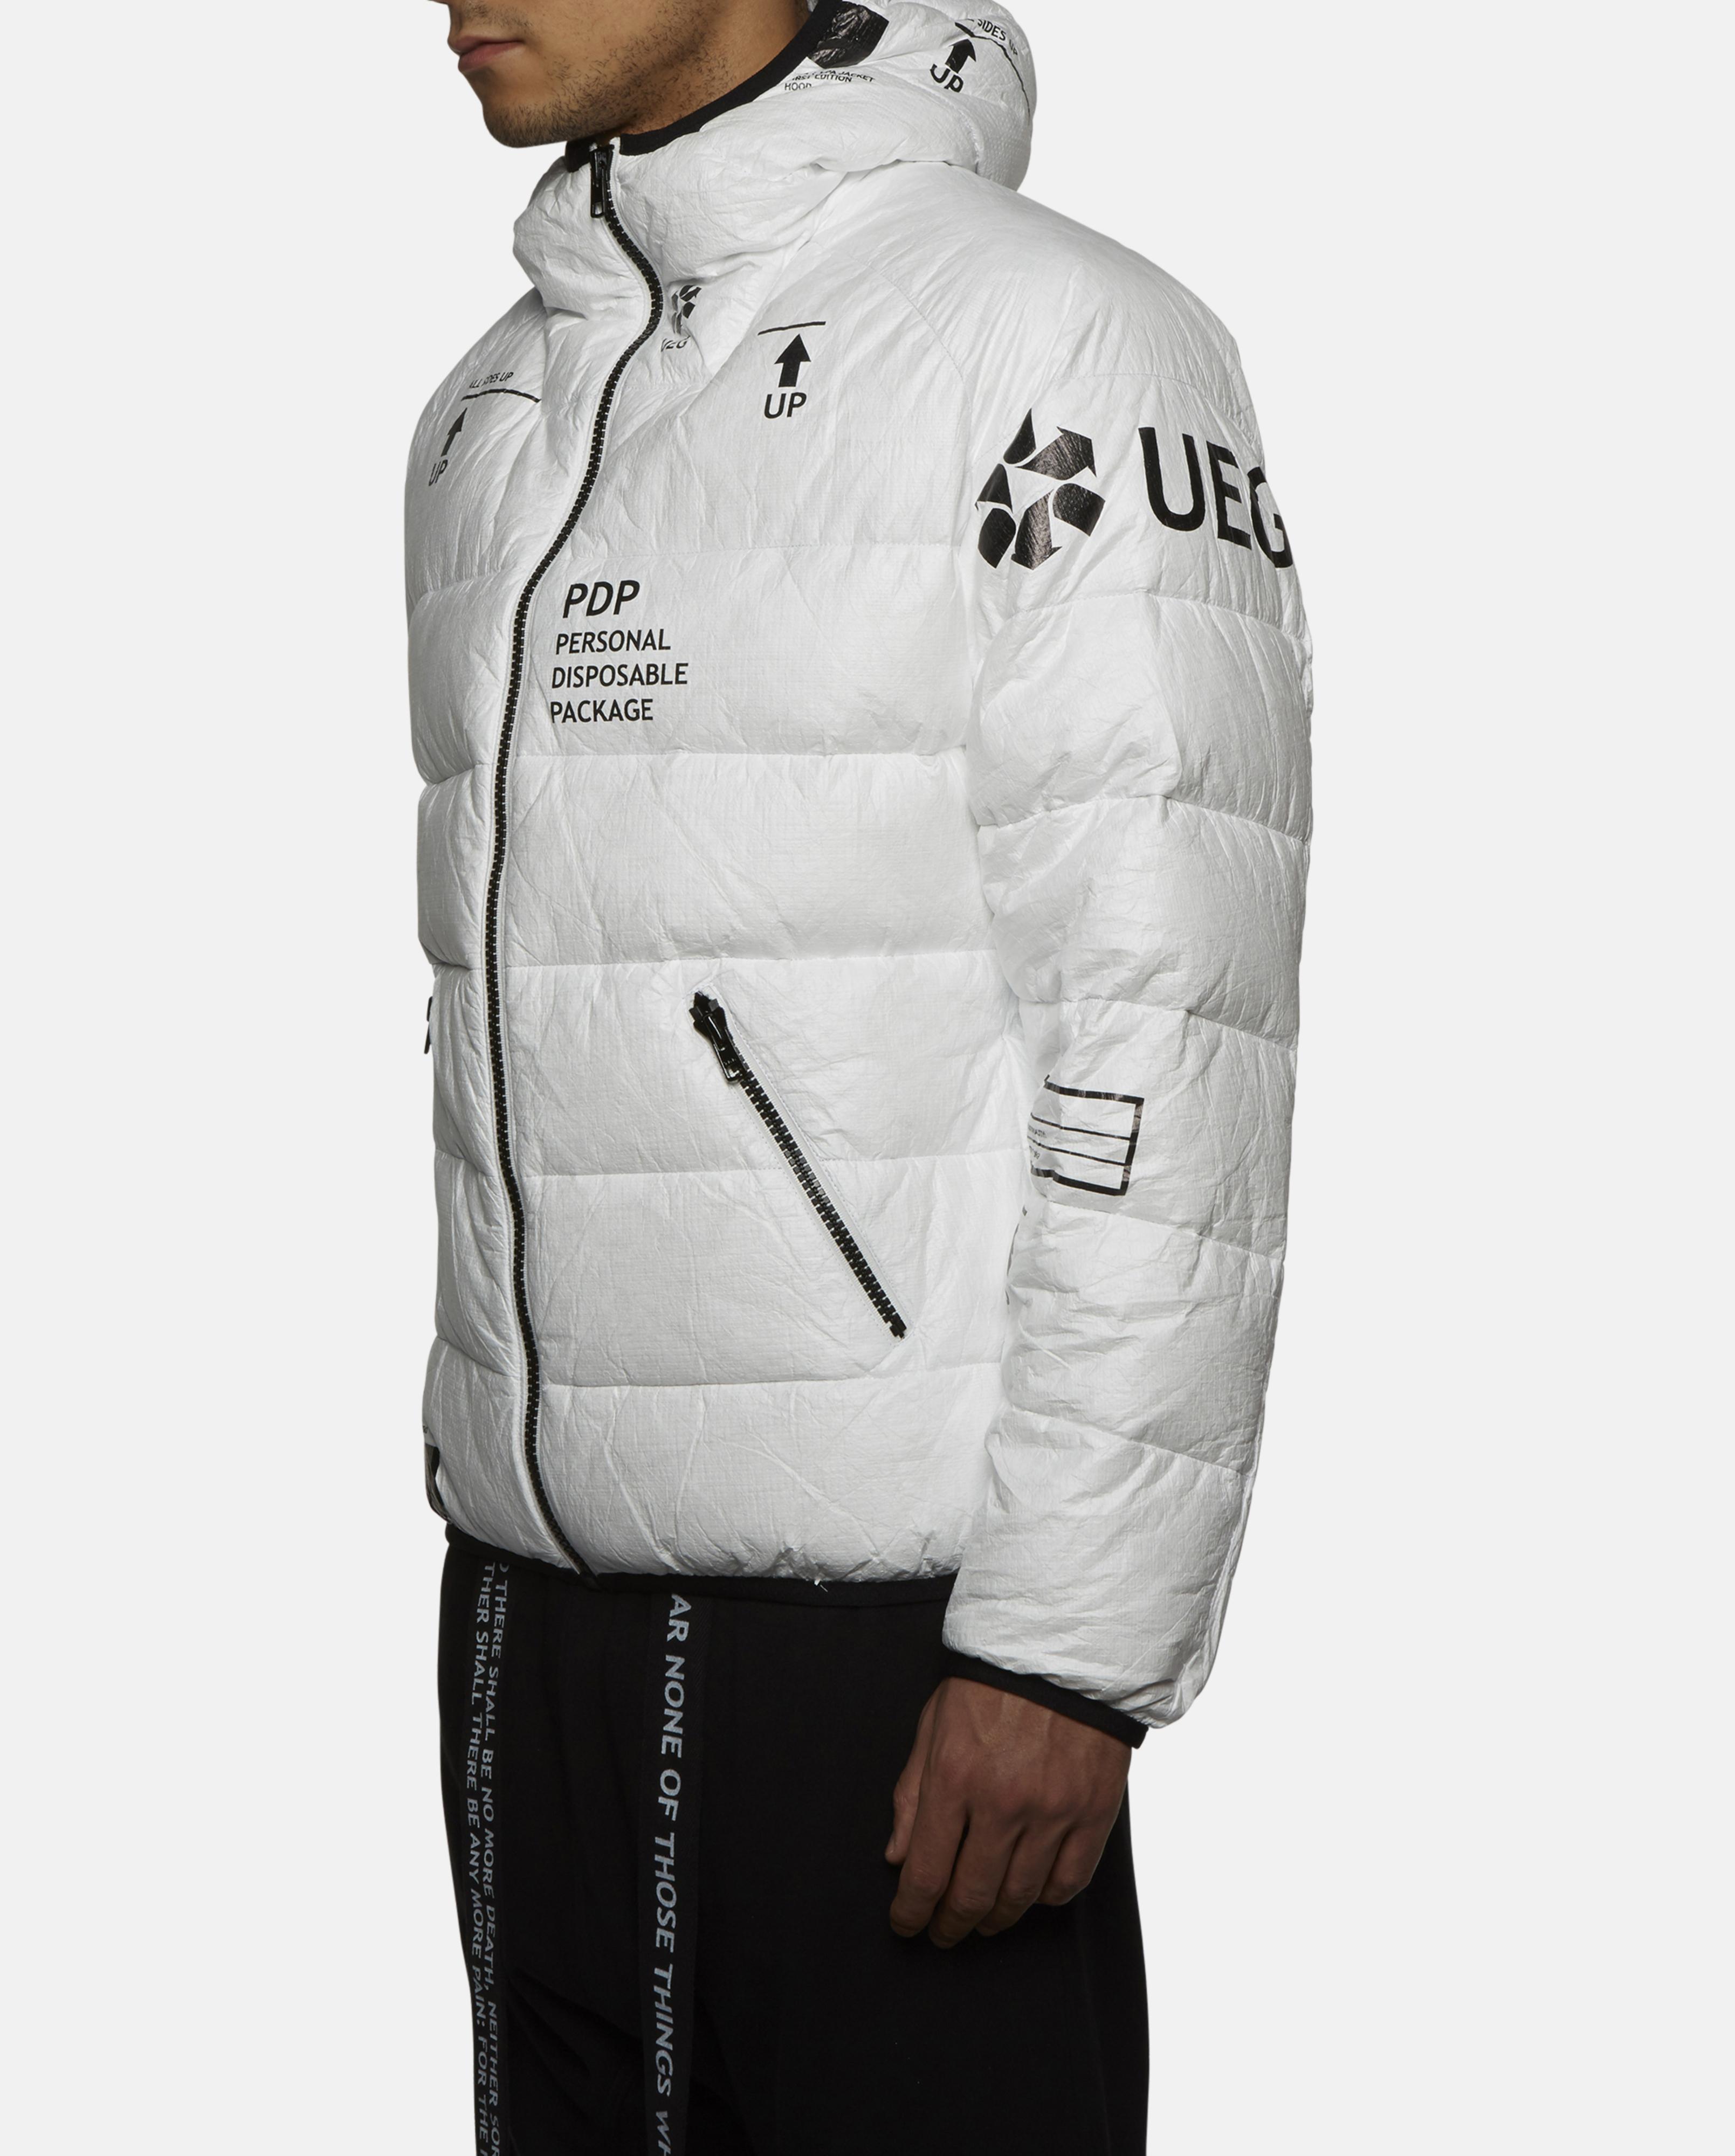 Lyst Ueg Tyvek Down Jacket In White For Men